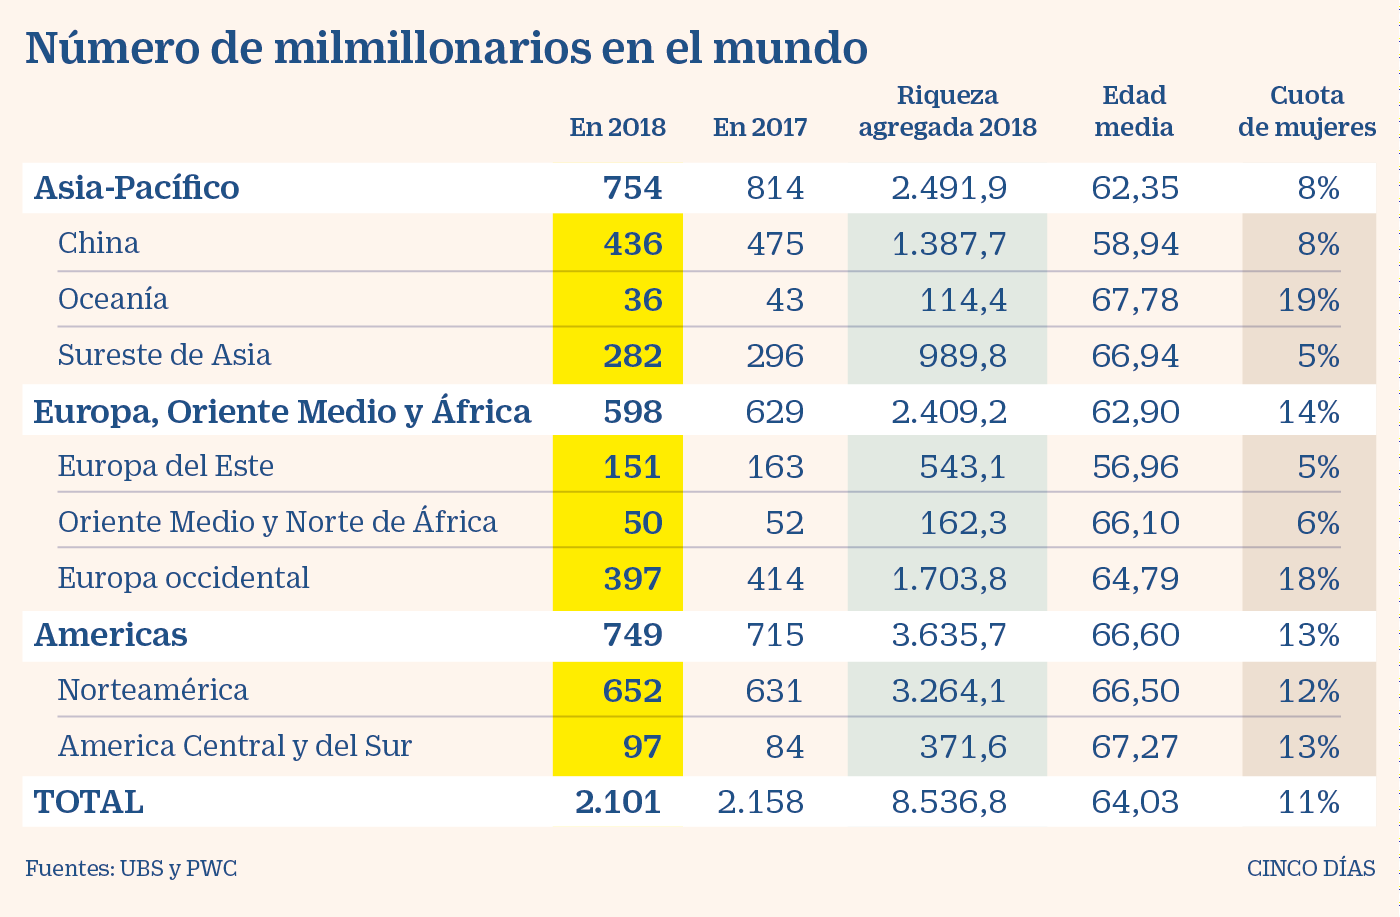 Fortuna de multimillonarios se estancó durante 2018